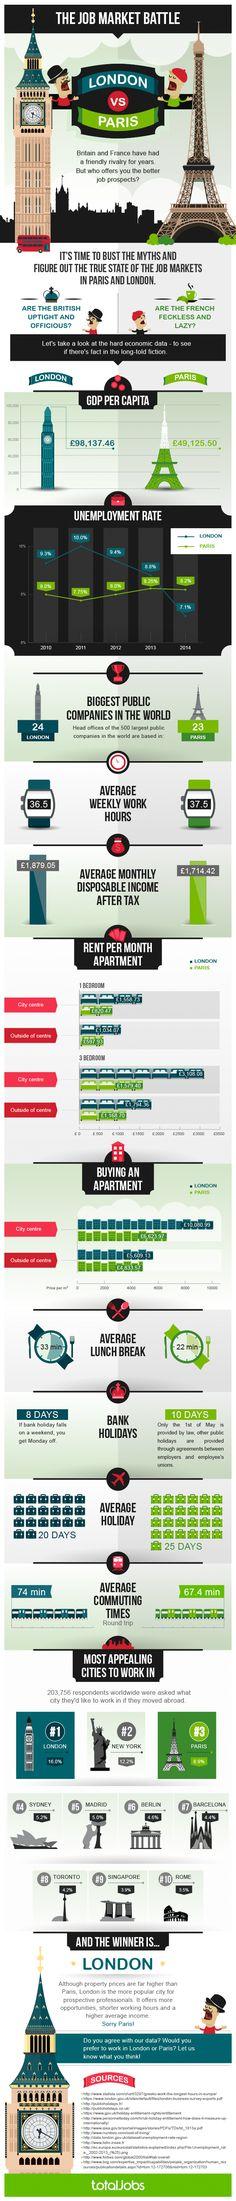 The job market battle #London vs. #Paris.  Such a choice!  #Infographic